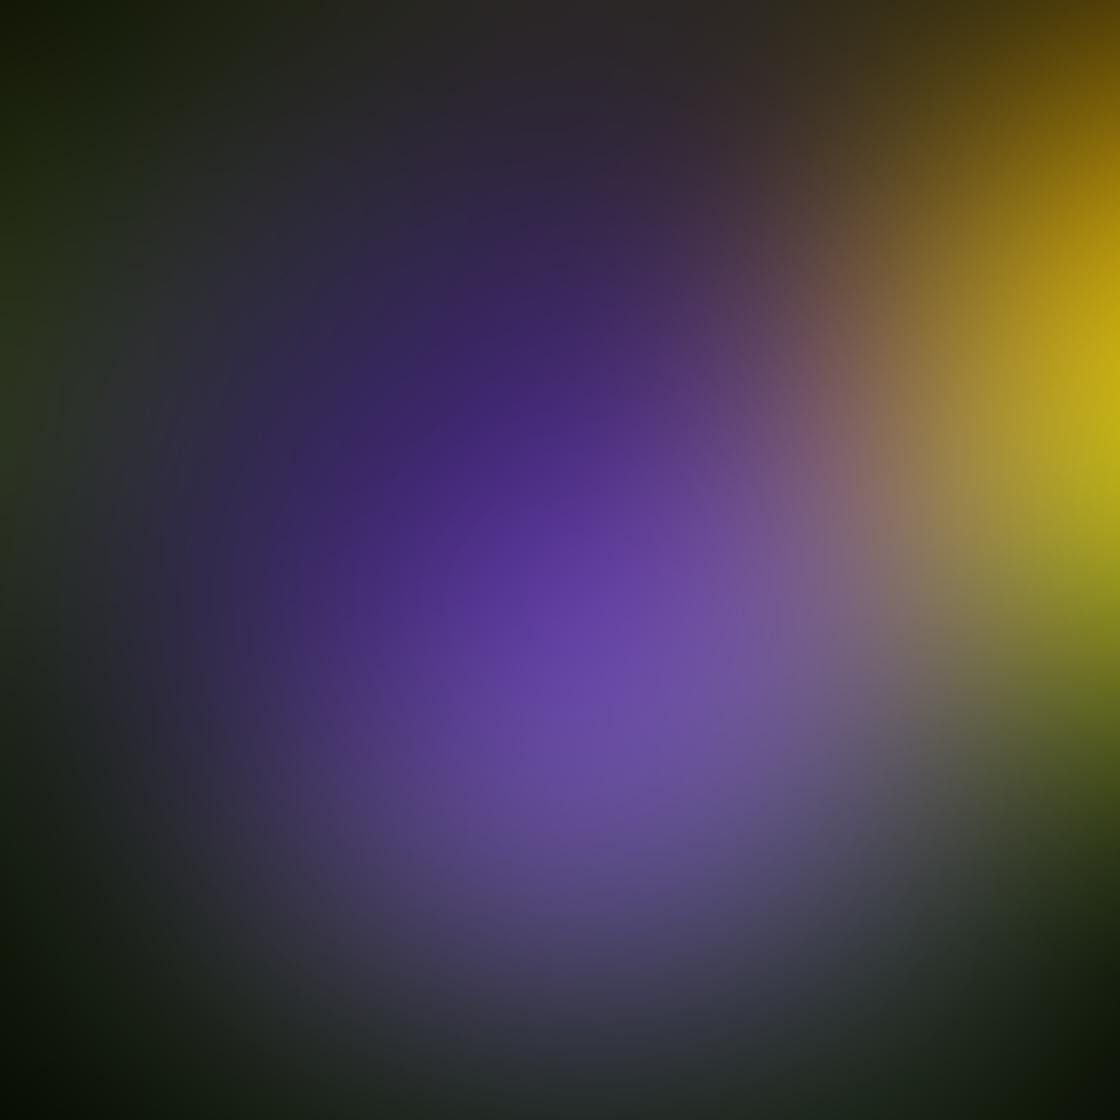 iPhone photo 01